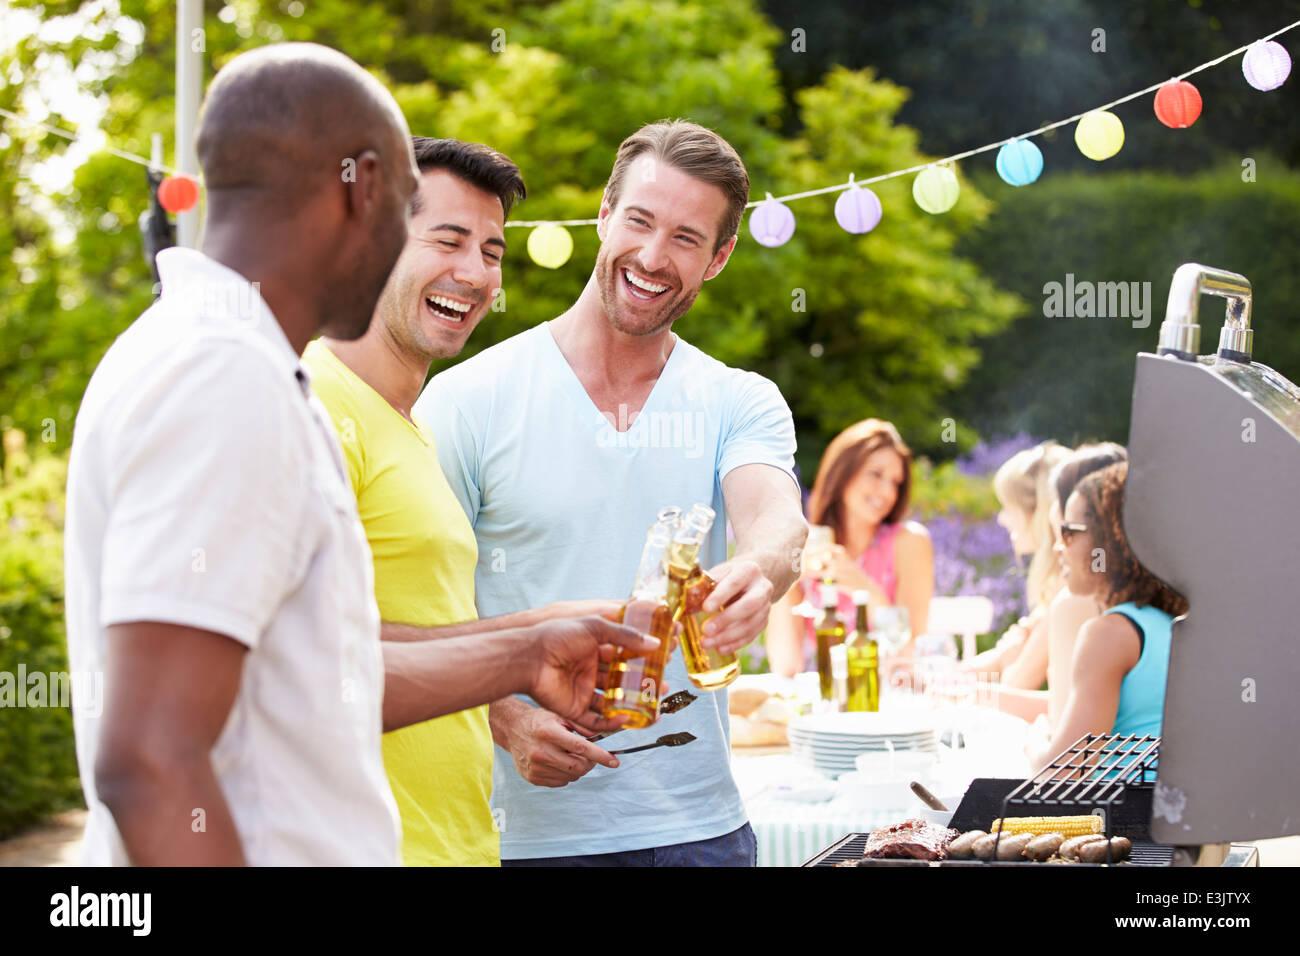 Gruppe von Männern auf Grill kochen zu Hause Stockbild